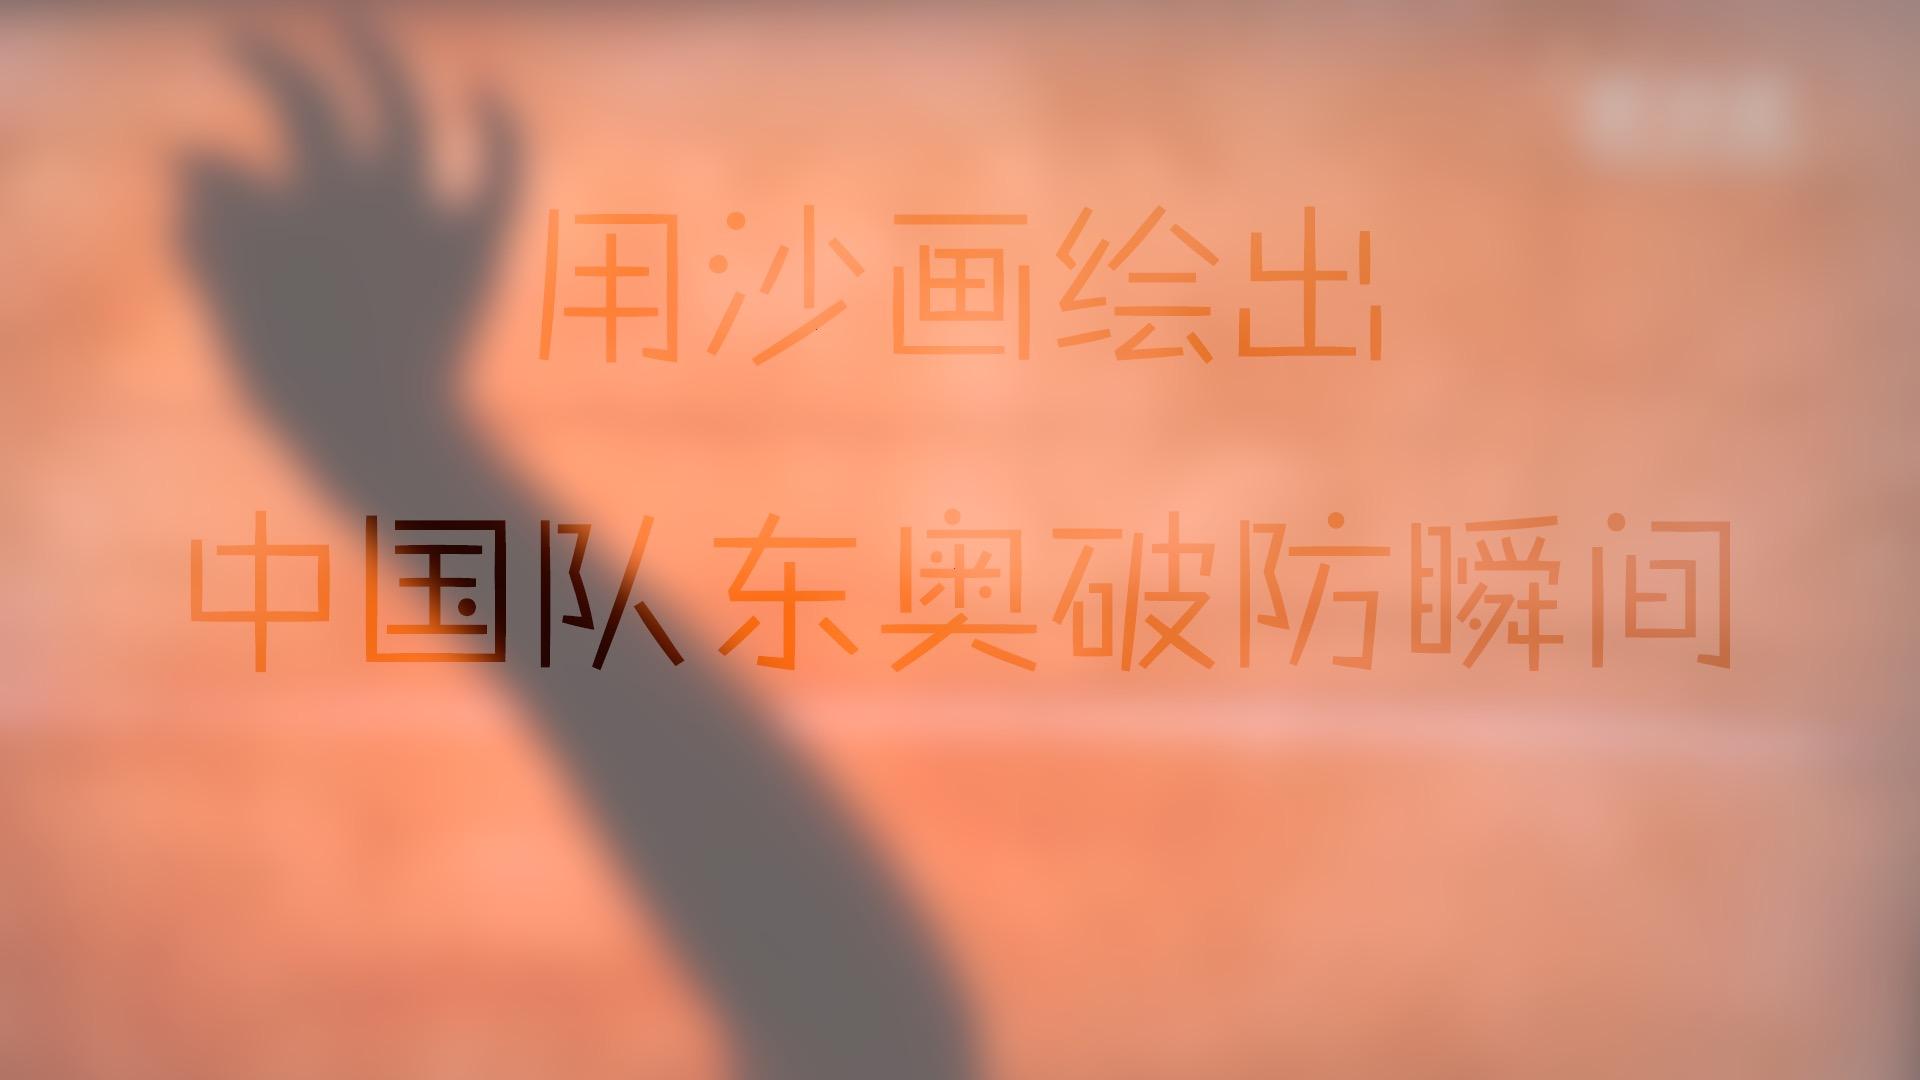 用沙画绘出中国队东奥破防瞬间